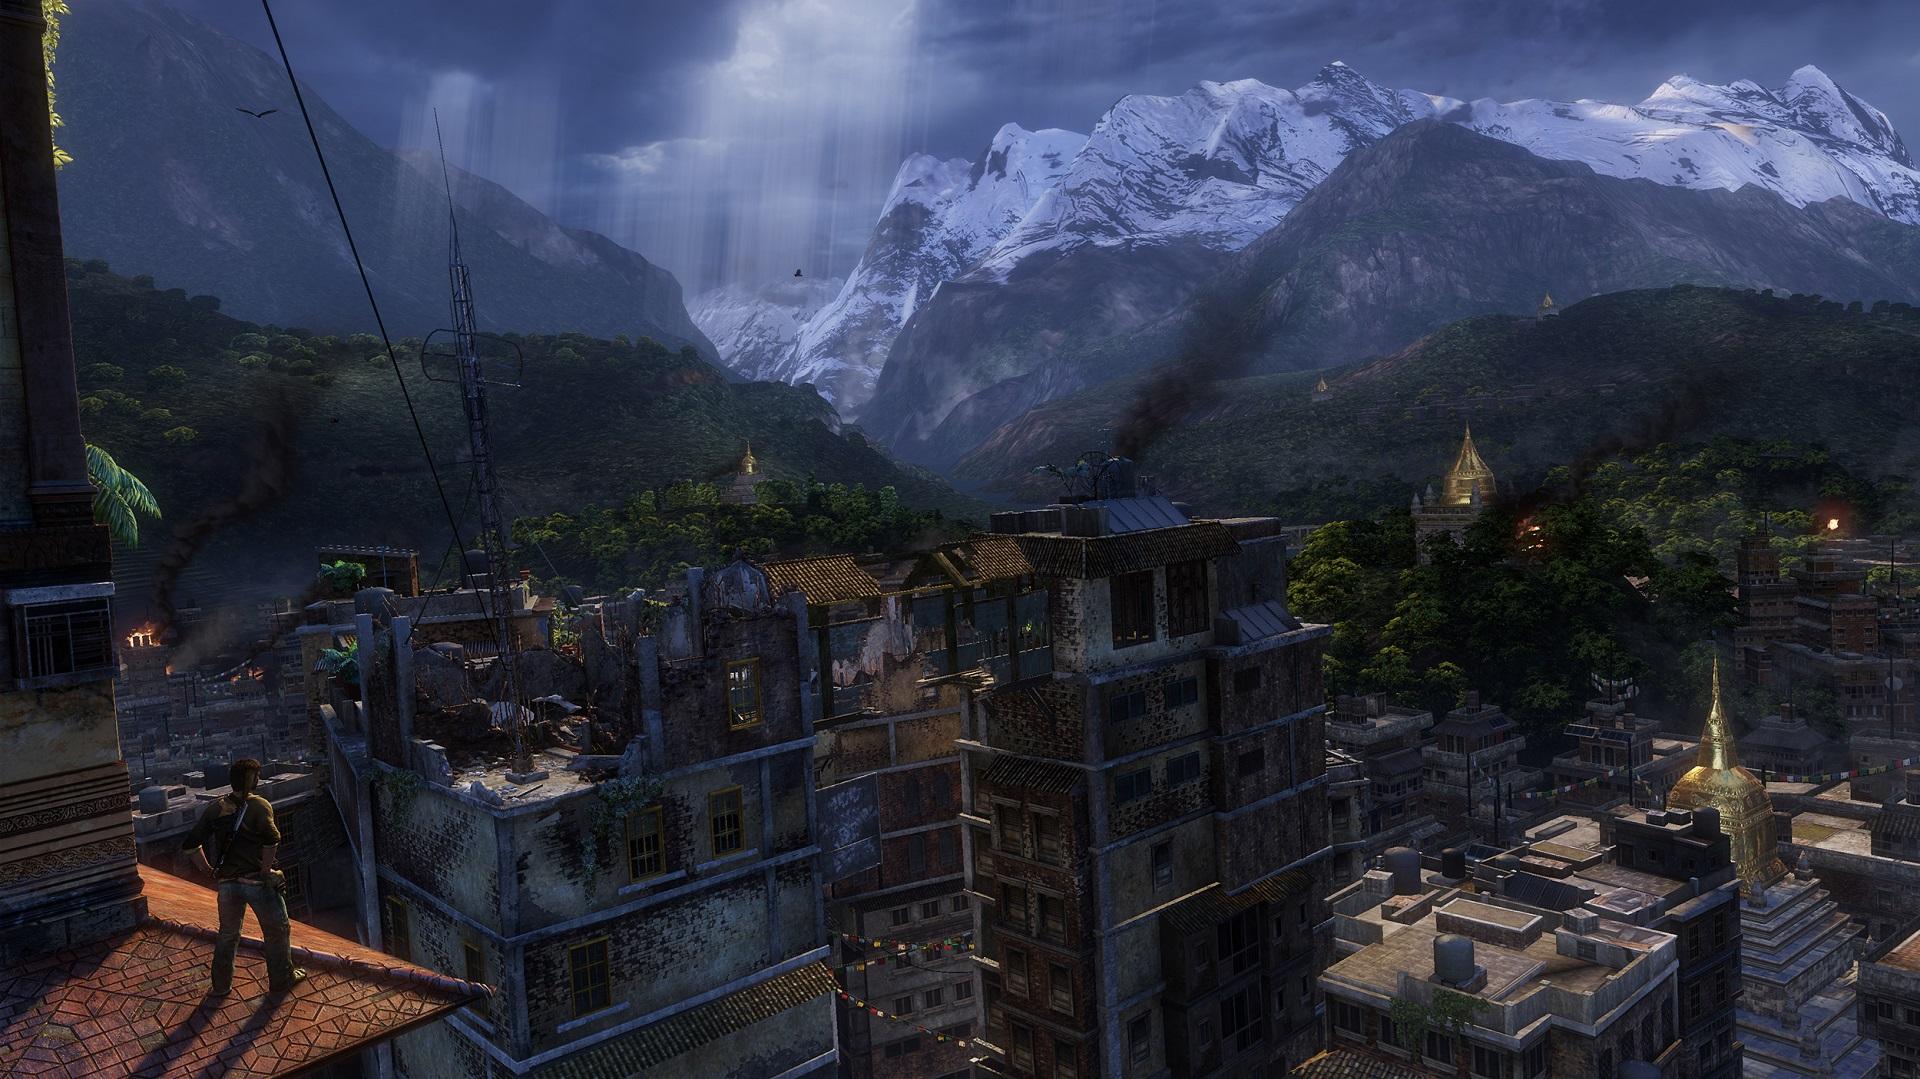 Dmo Et Amliorations Graphiques De Uncharted 2 Sur PS4 En